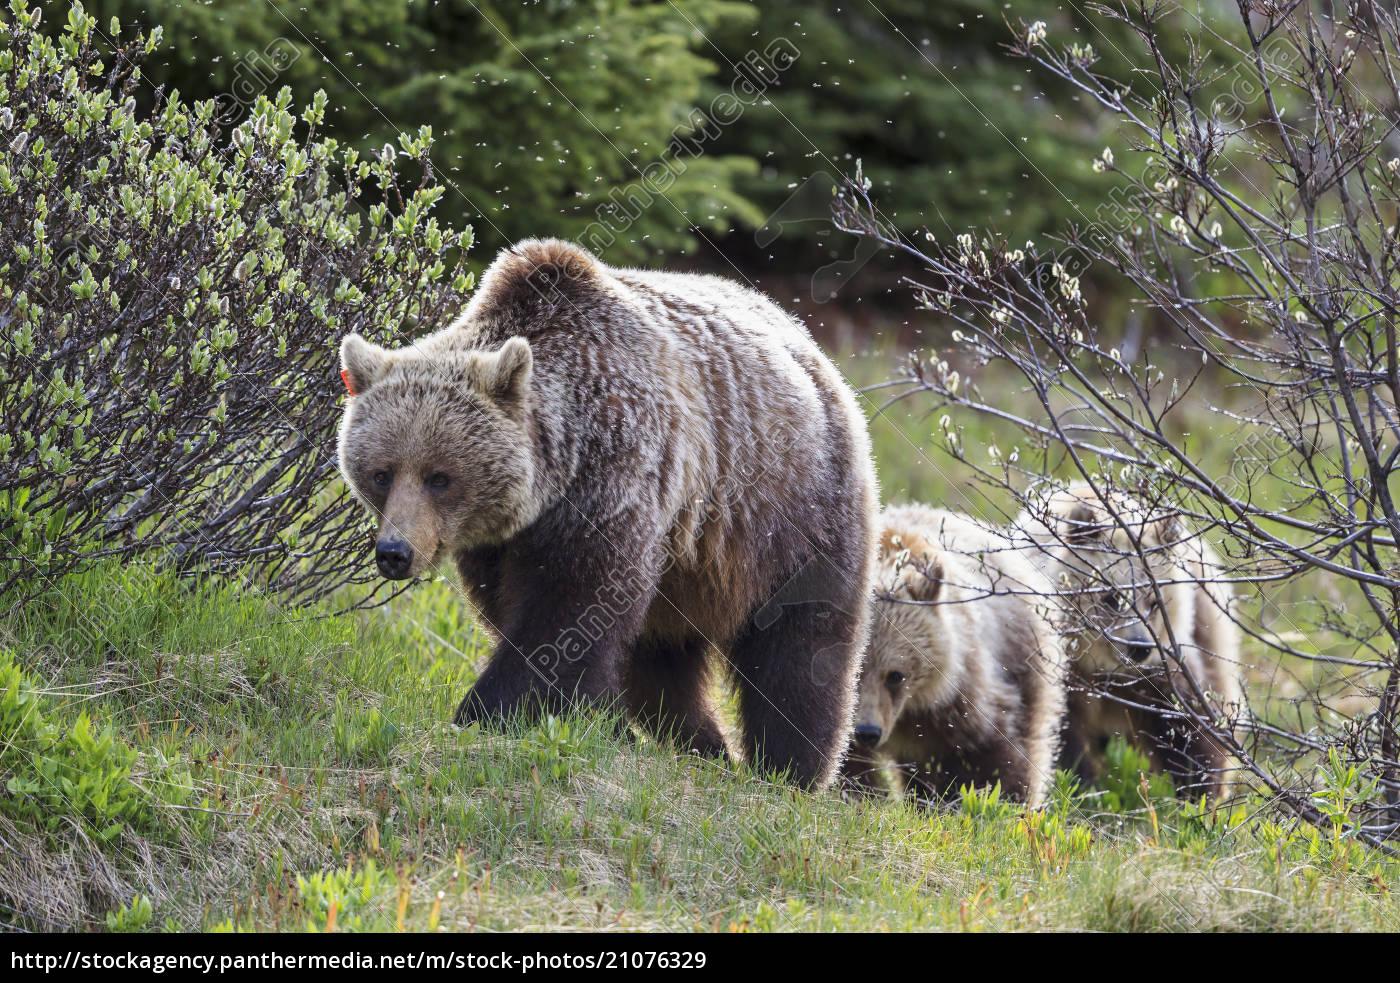 kanada, alberta, jasper, und, banff, nationalpark, grizzly-bären, mutter, mit, jungtieren - 21076329